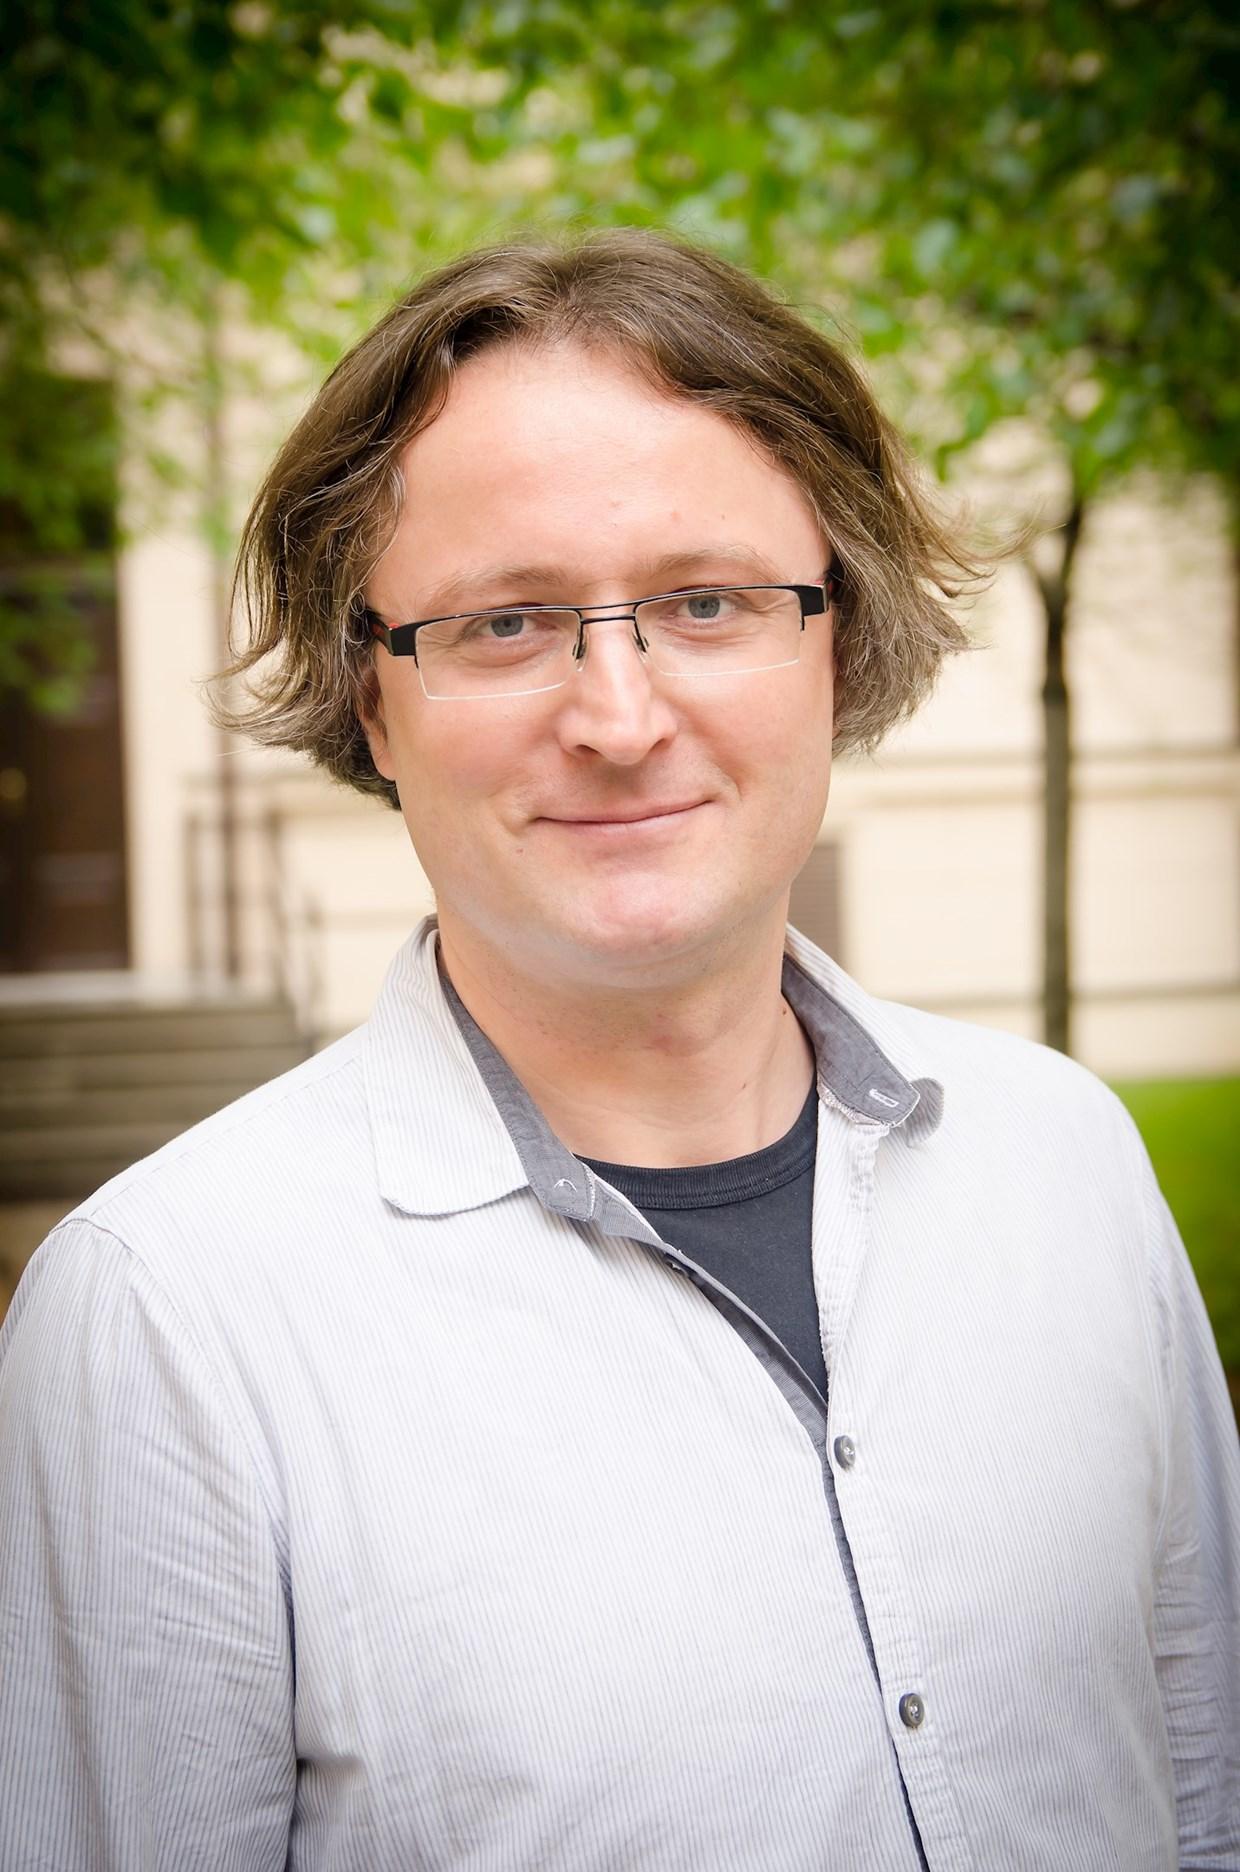 Dušan Vávra, vedoucí Semináře čínských studií